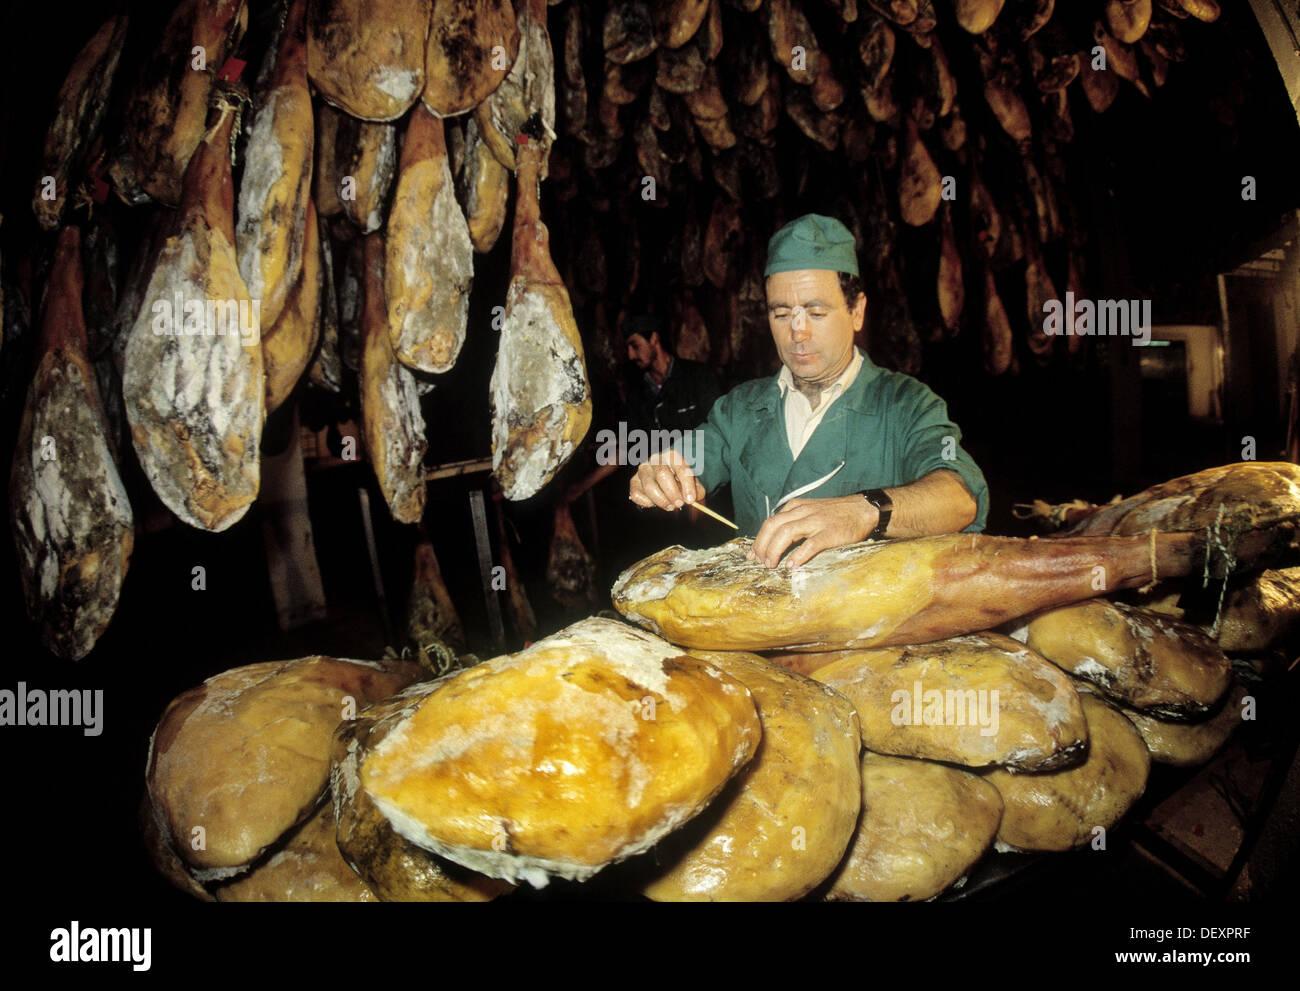 Hams of Jabugo in Sánchez Romero Carvajal factory caves. Jabugo. Huelva province, Spain - Stock Image